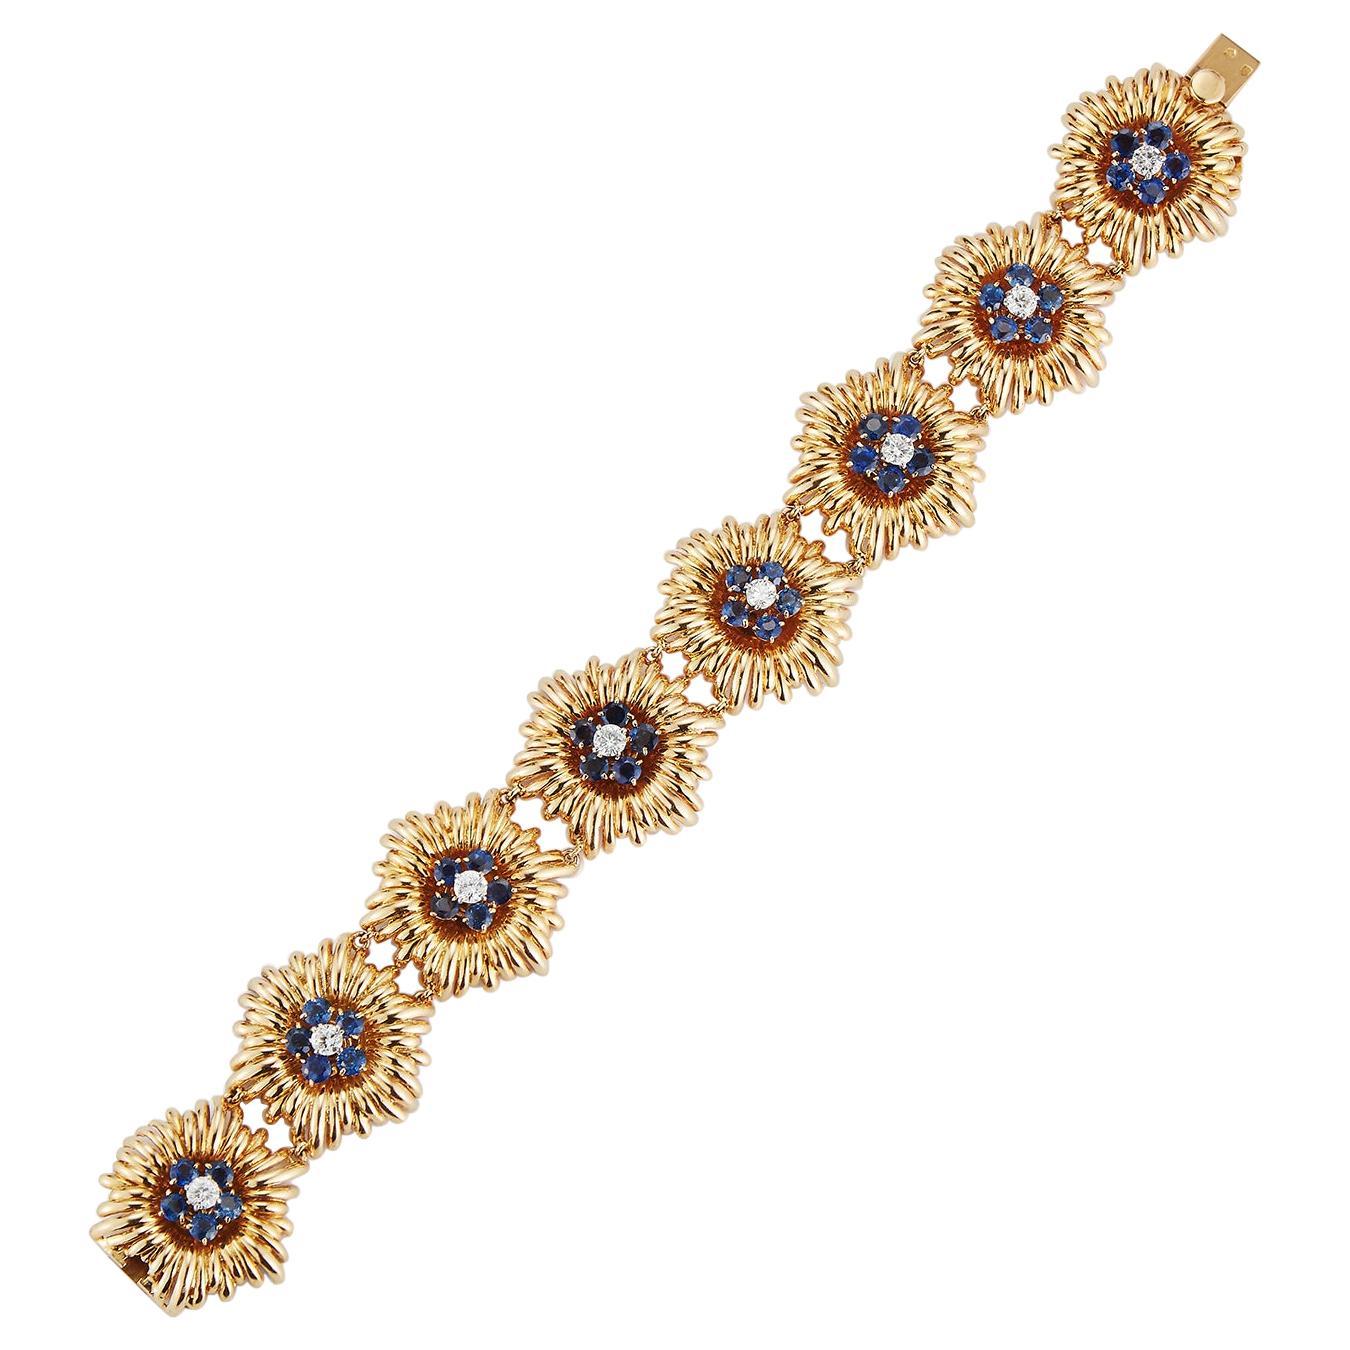 Sapphire and Diamond Bracelet by Van Cleef & Arpels